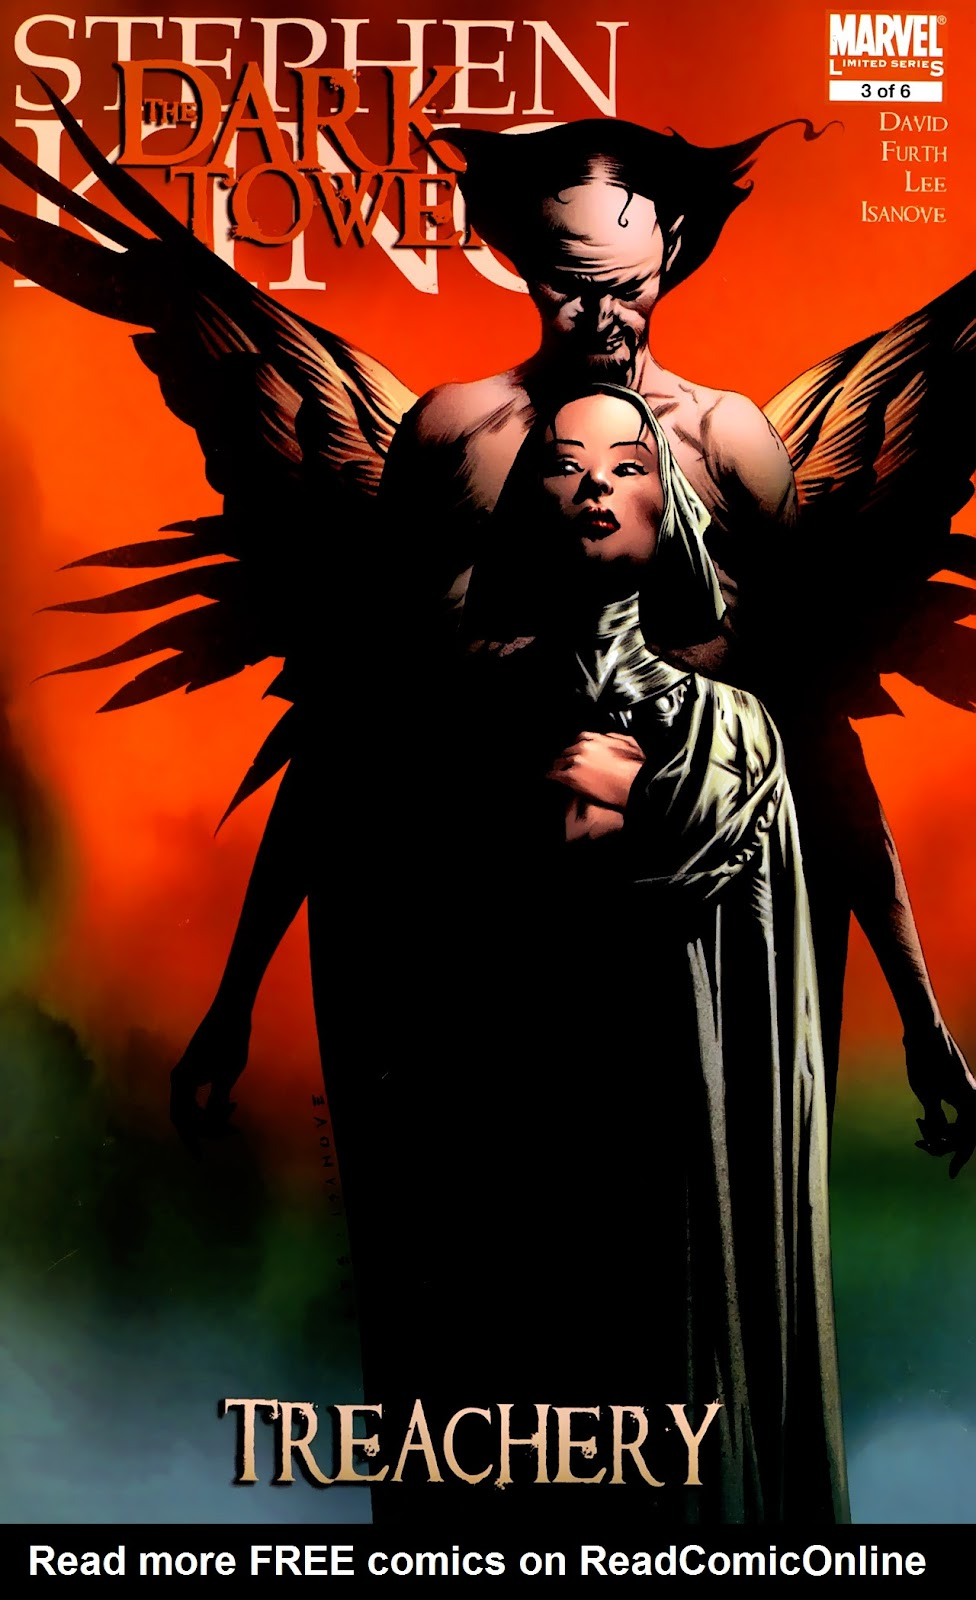 Dark Tower: Treachery issue 3 - Page 1